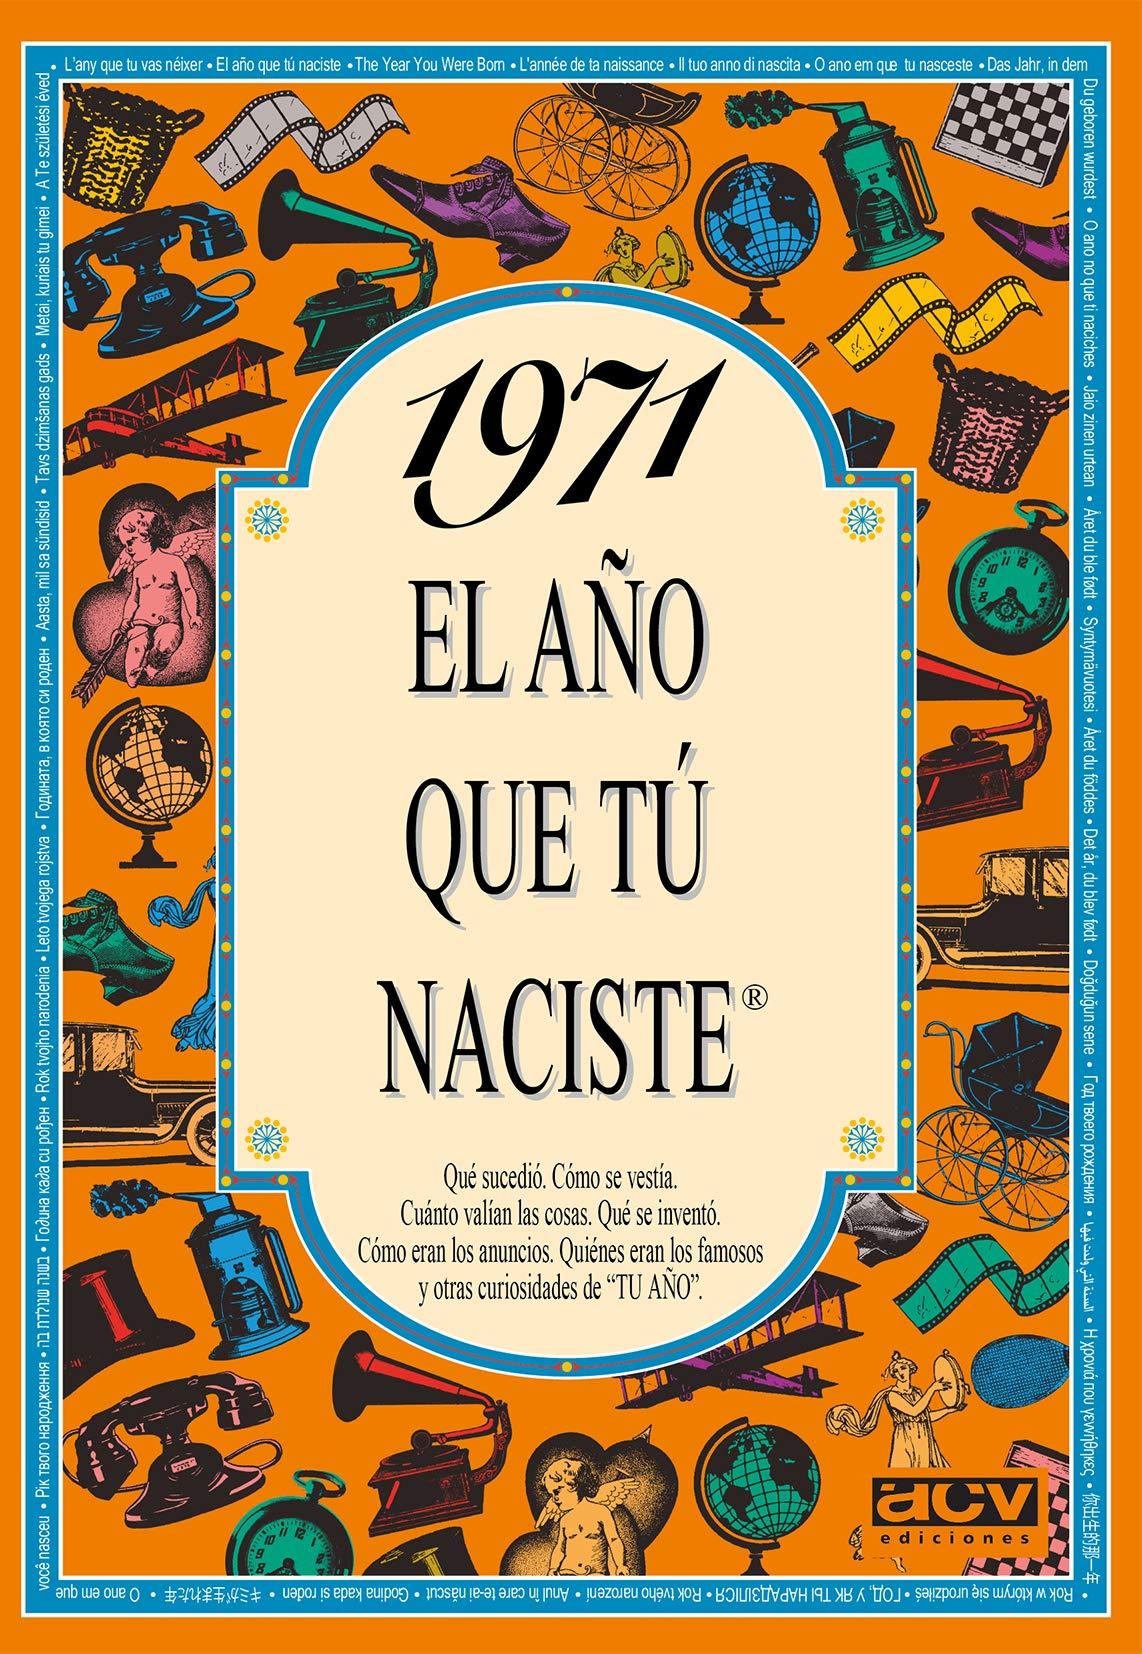 1971 EL AÑO QUE TU NACISTE (El año que tú naciste): Amazon.es: Collado Bascompte, Rosa: Libros